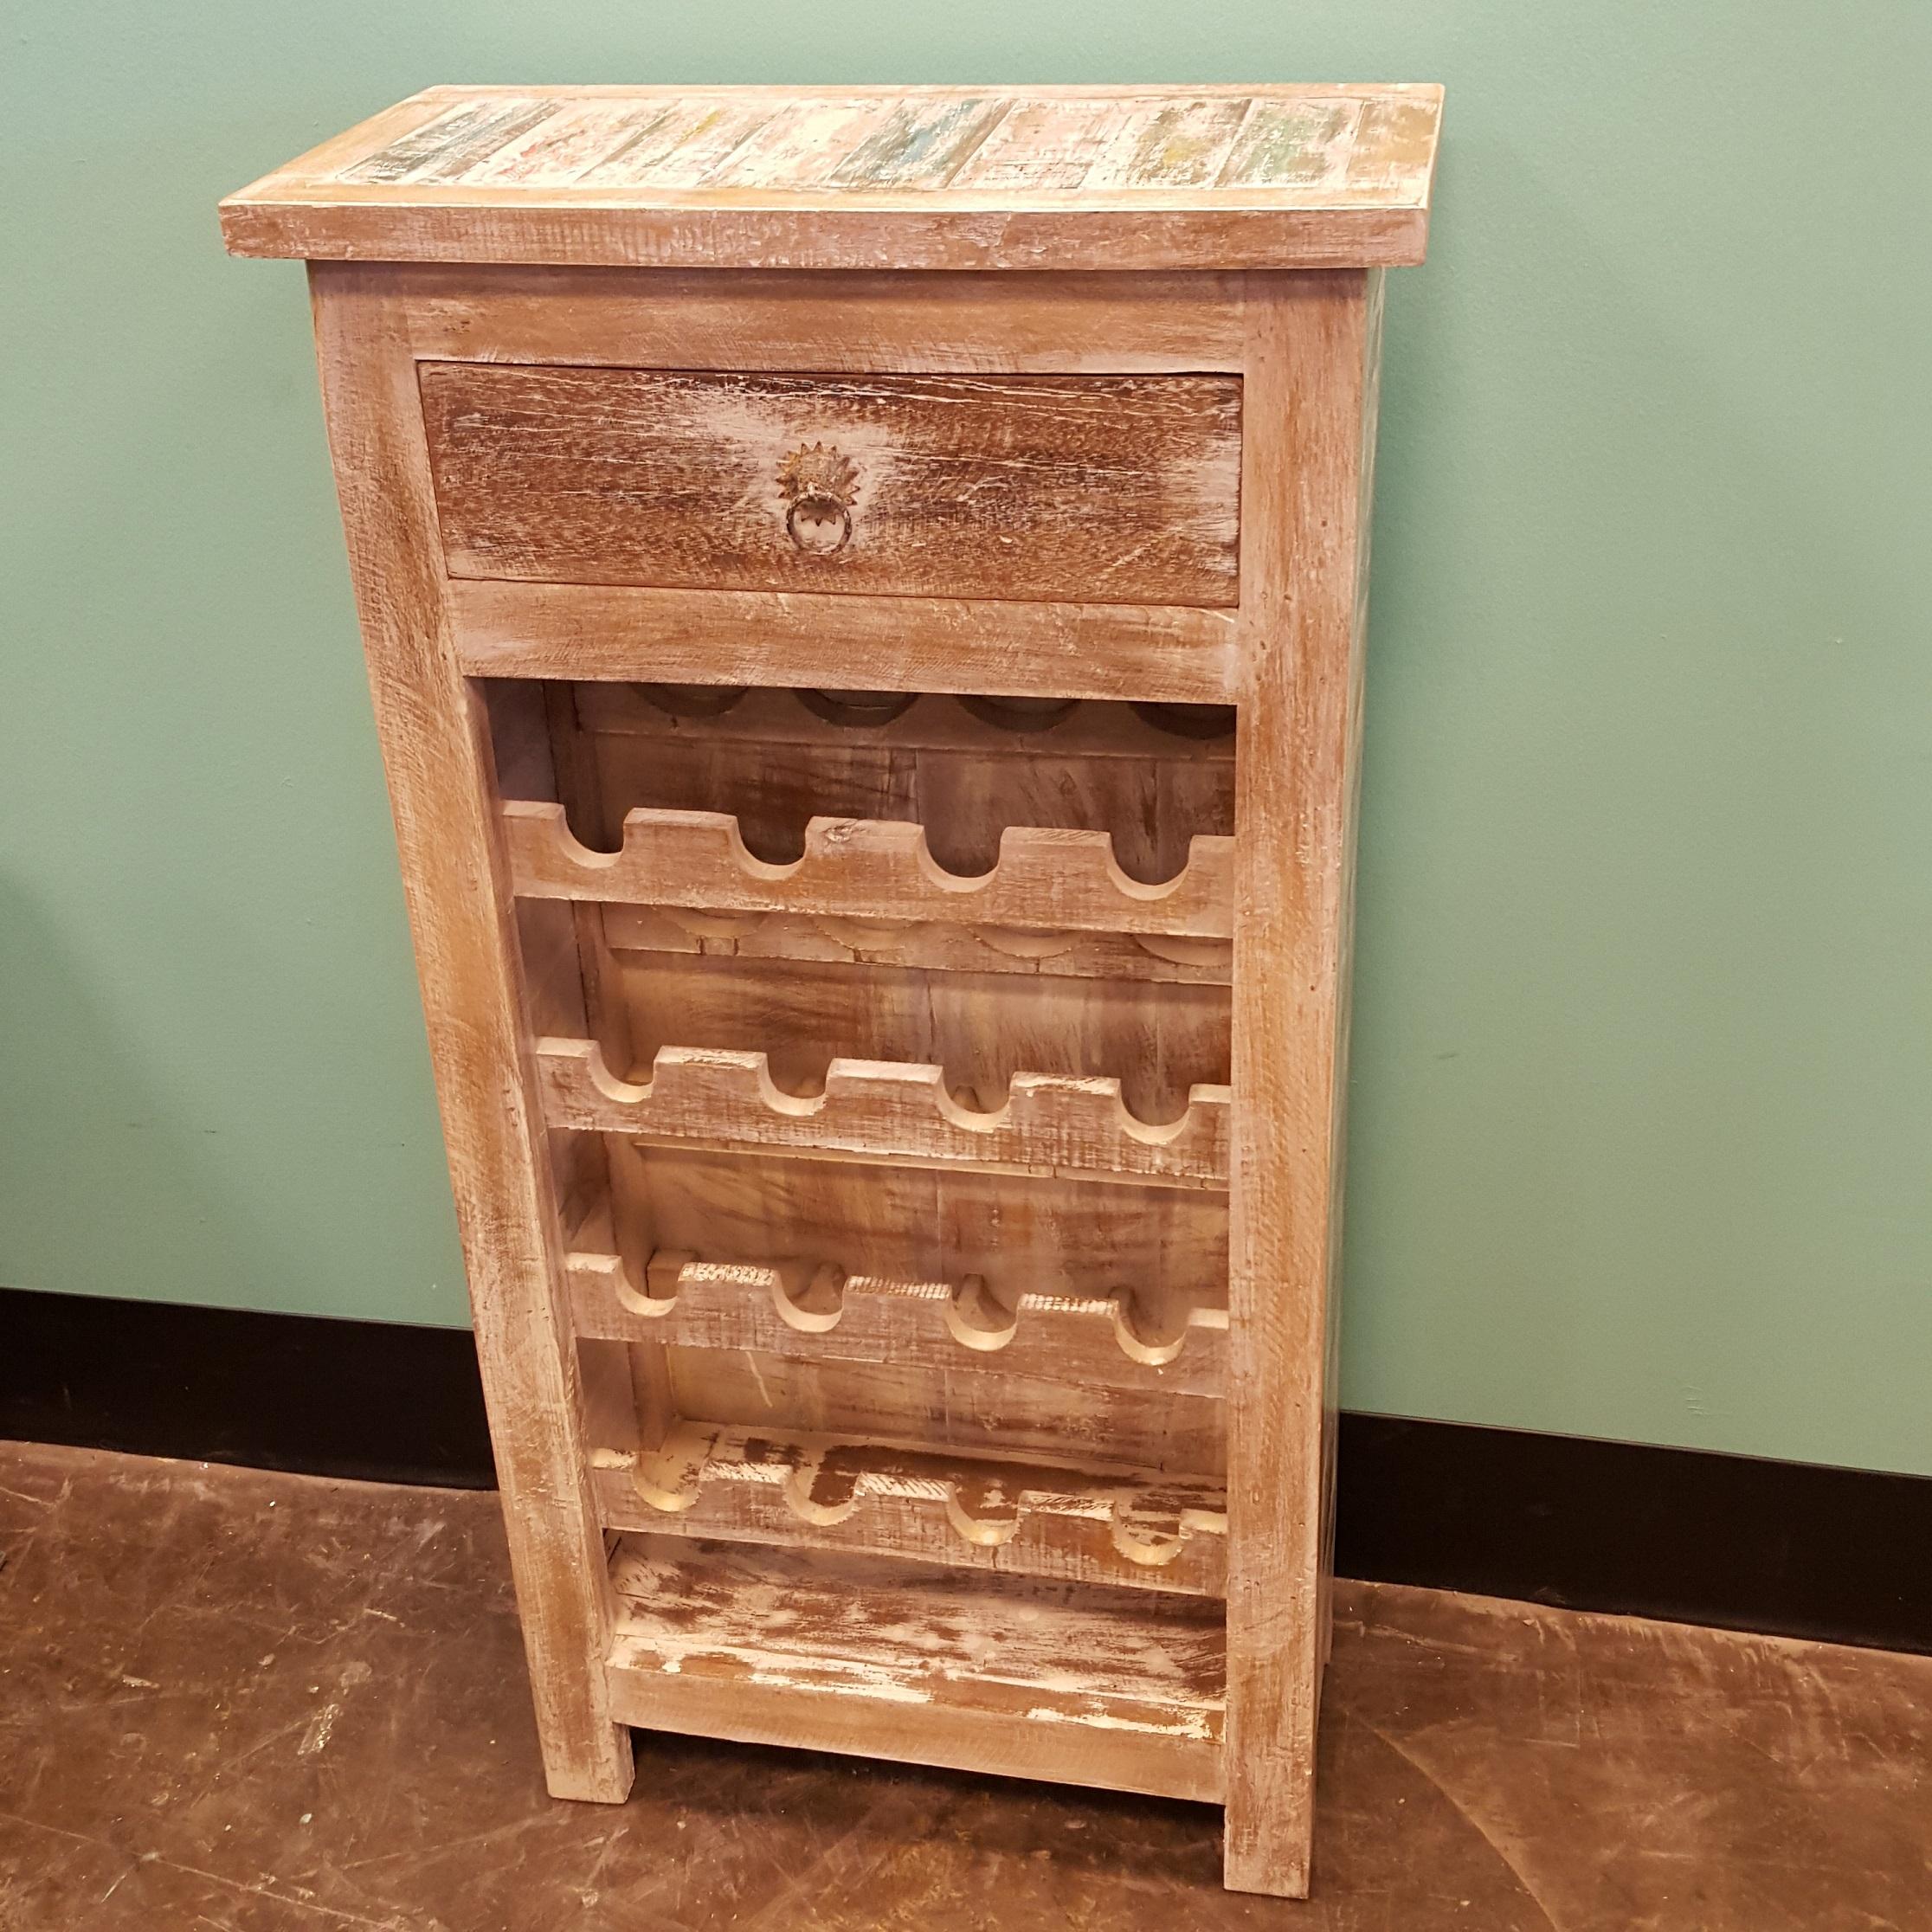 Reclaimed wood wine rack nadeau memphis